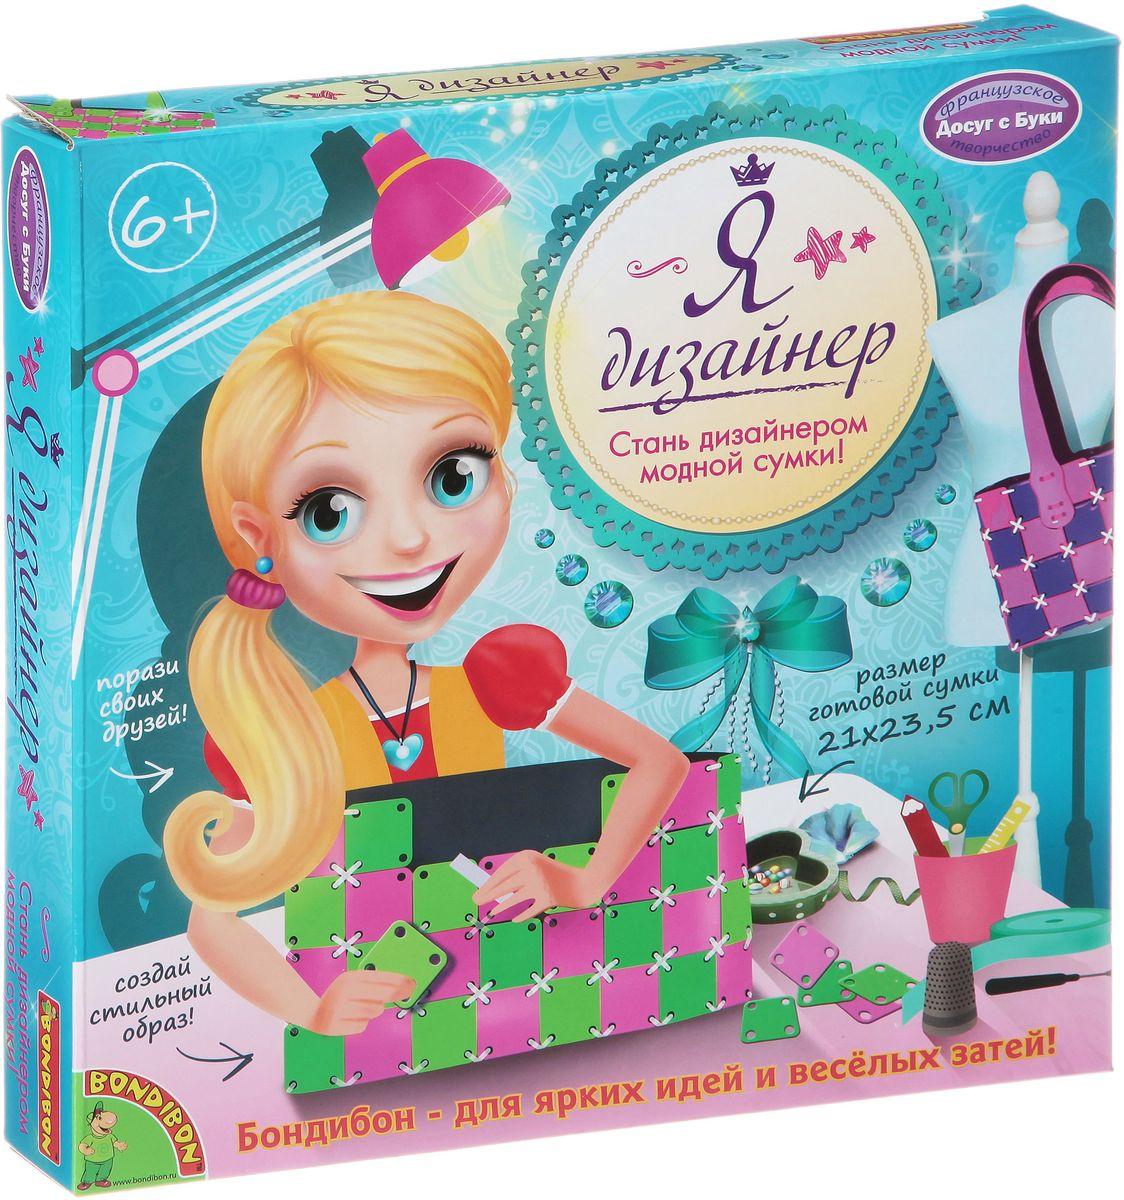 Bondibon Набор для создания сумки из пластин Я дизайнер цвет зеленый фиолетовыйВВ1421Каждая маленькая модница прекрасно знает, что сумка нужна не для хранения вещей, а в качестве аксессуара, который завершает образ. С наборами Я дизайнер любая девочка сможет создать уникальную и очень красивую сумочку из пластиковых пластин различных цветов. Для этого не требуется никаких специальных навыков. Займет процесс создания несколько часов, и при этом он настолько прост, что под силу девочкам возрастом от шести лет Это не просто интересно, но и очень полезно - развивается мелкая моторика, усидчивость, аккуратность и творческие способности!